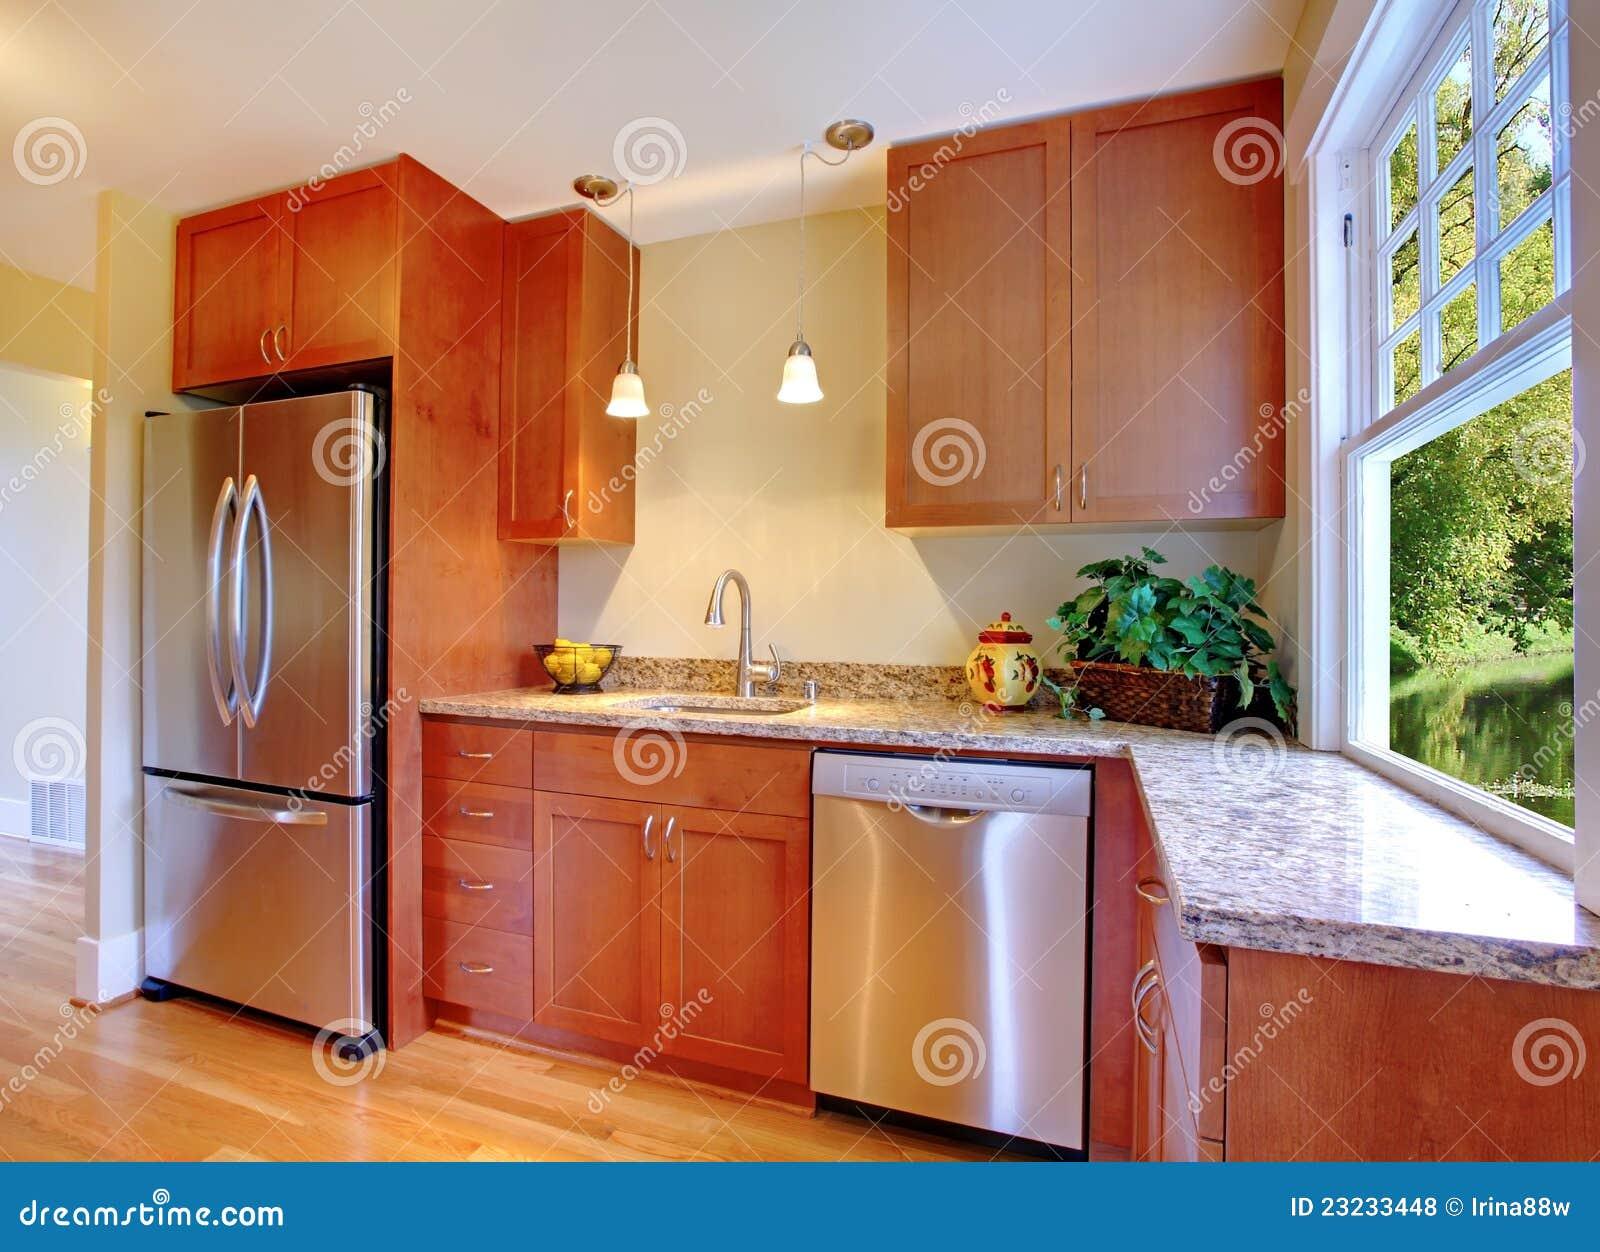 belle cuisine neuve de cerise avec le bois dur photos libres de droits image 23233448. Black Bedroom Furniture Sets. Home Design Ideas